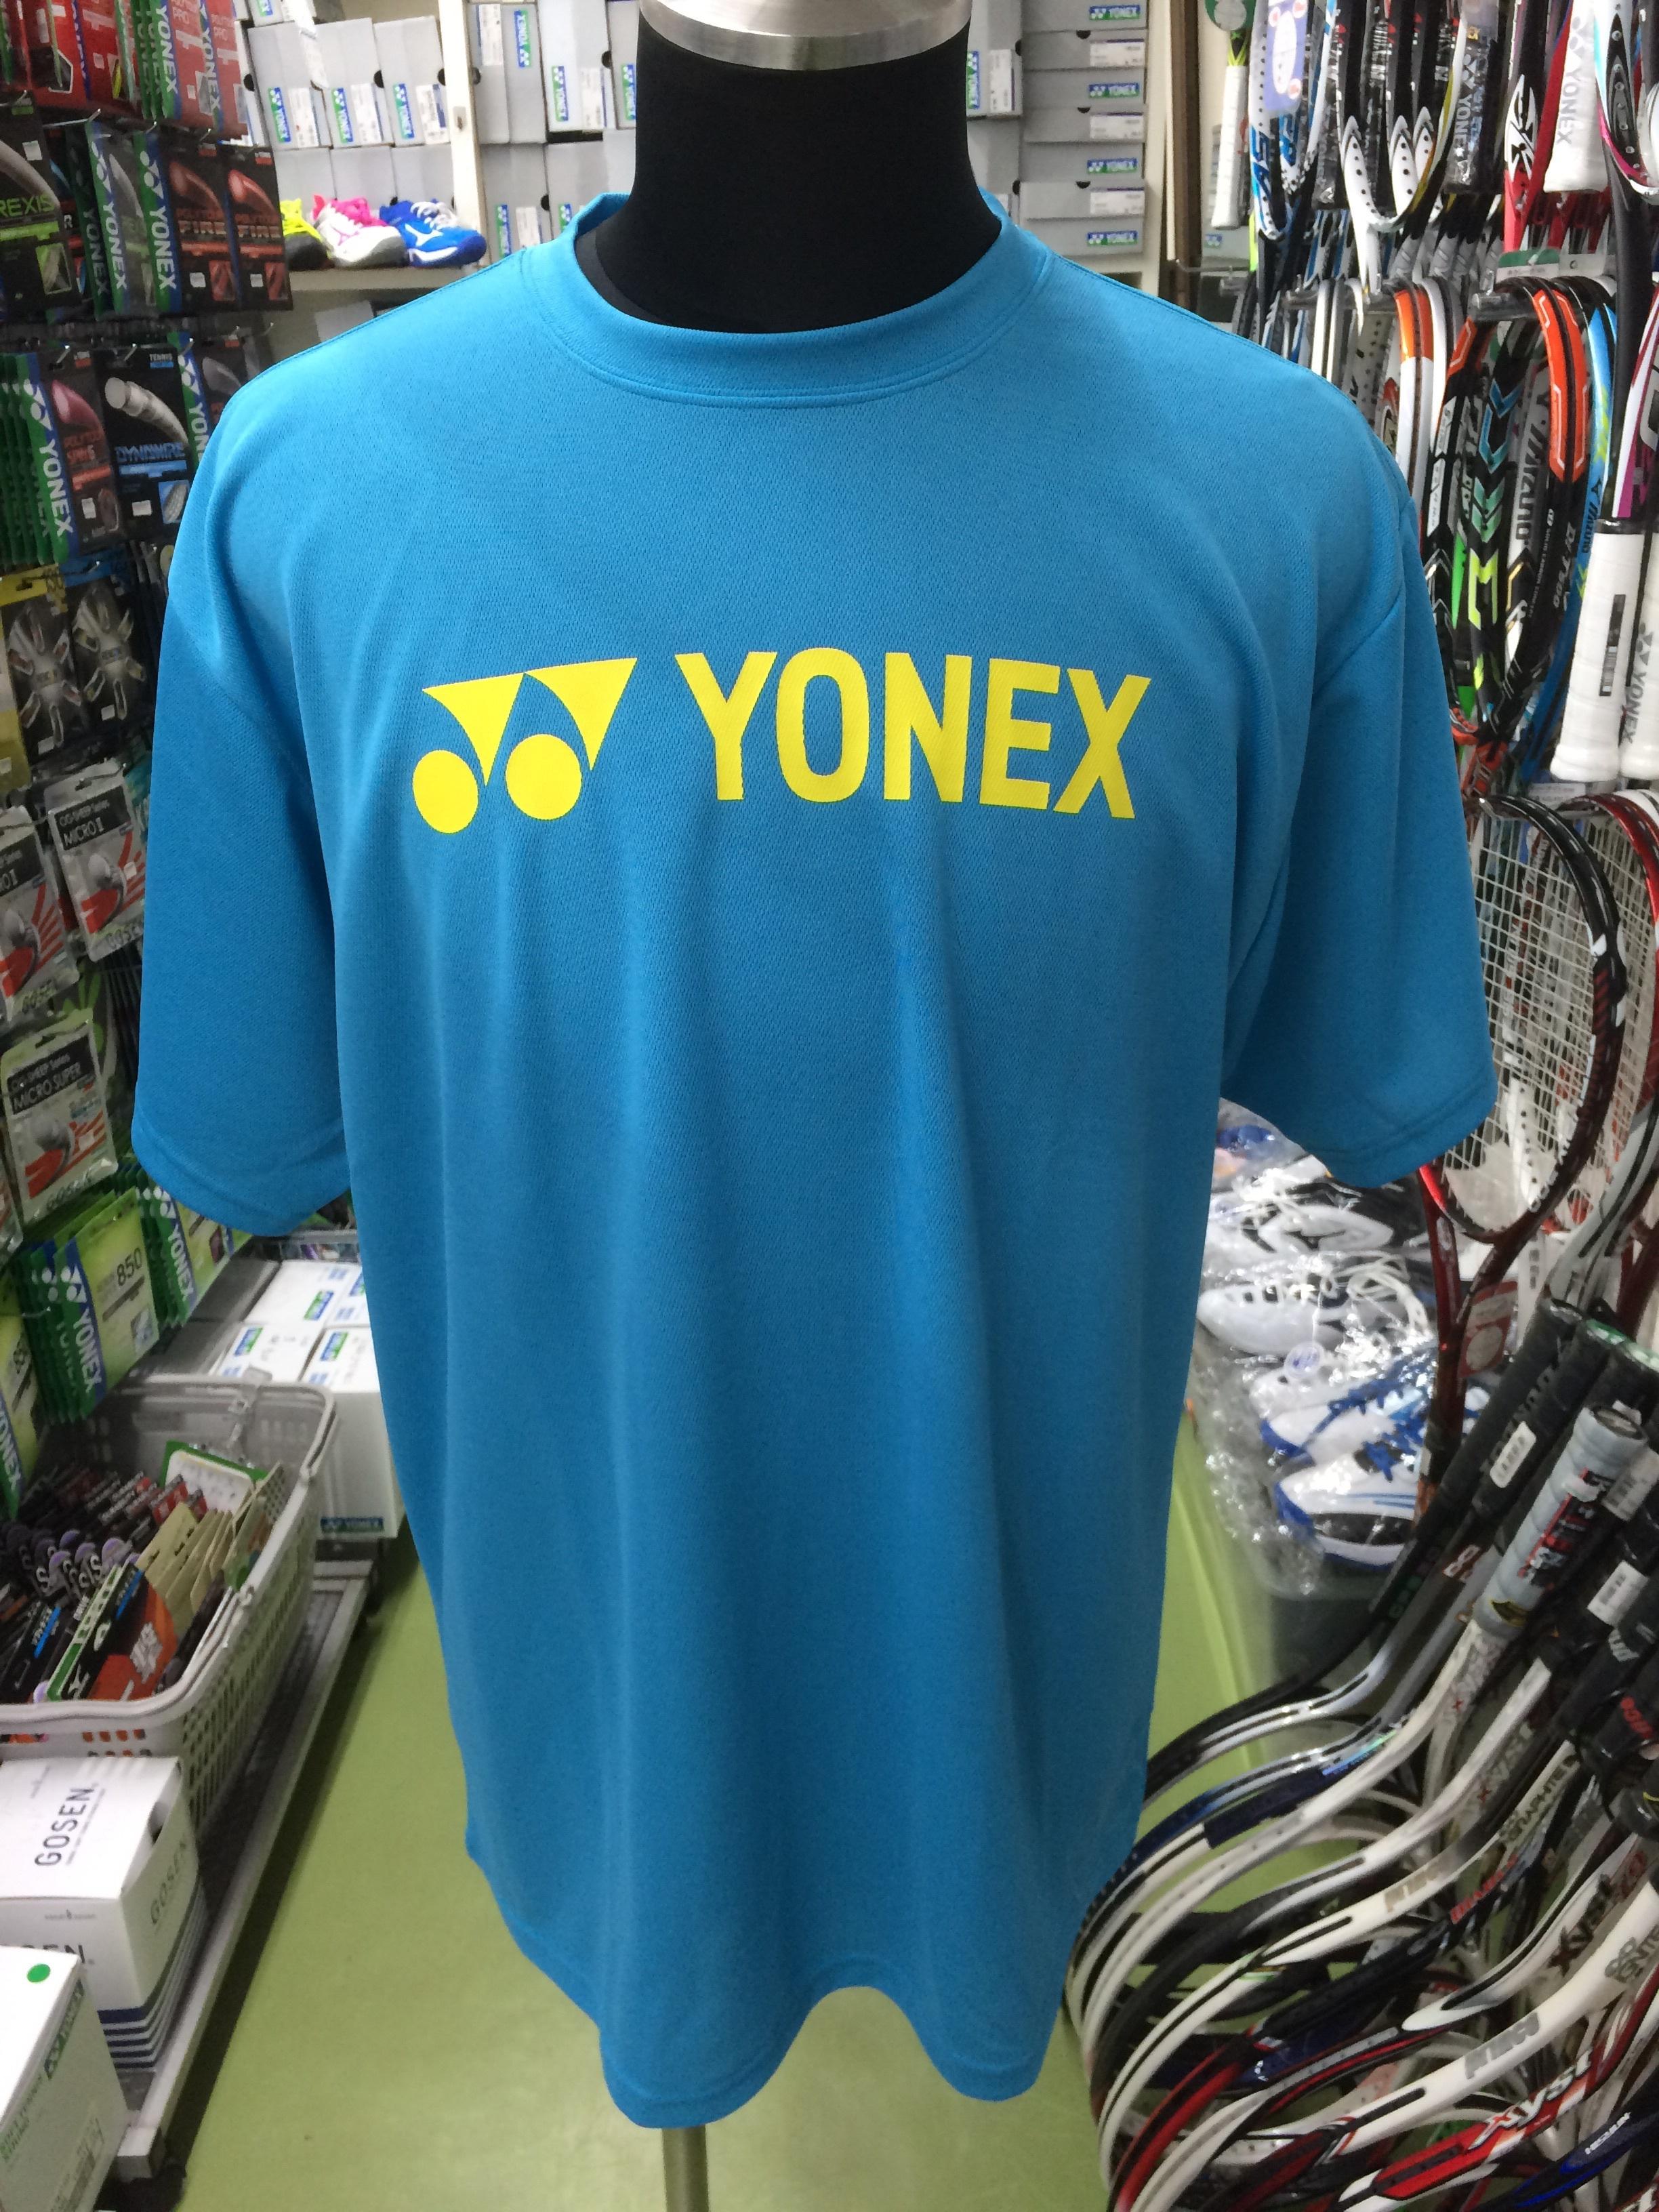 ヨネックス ユニドライTシャツ 16252Y - 画像1